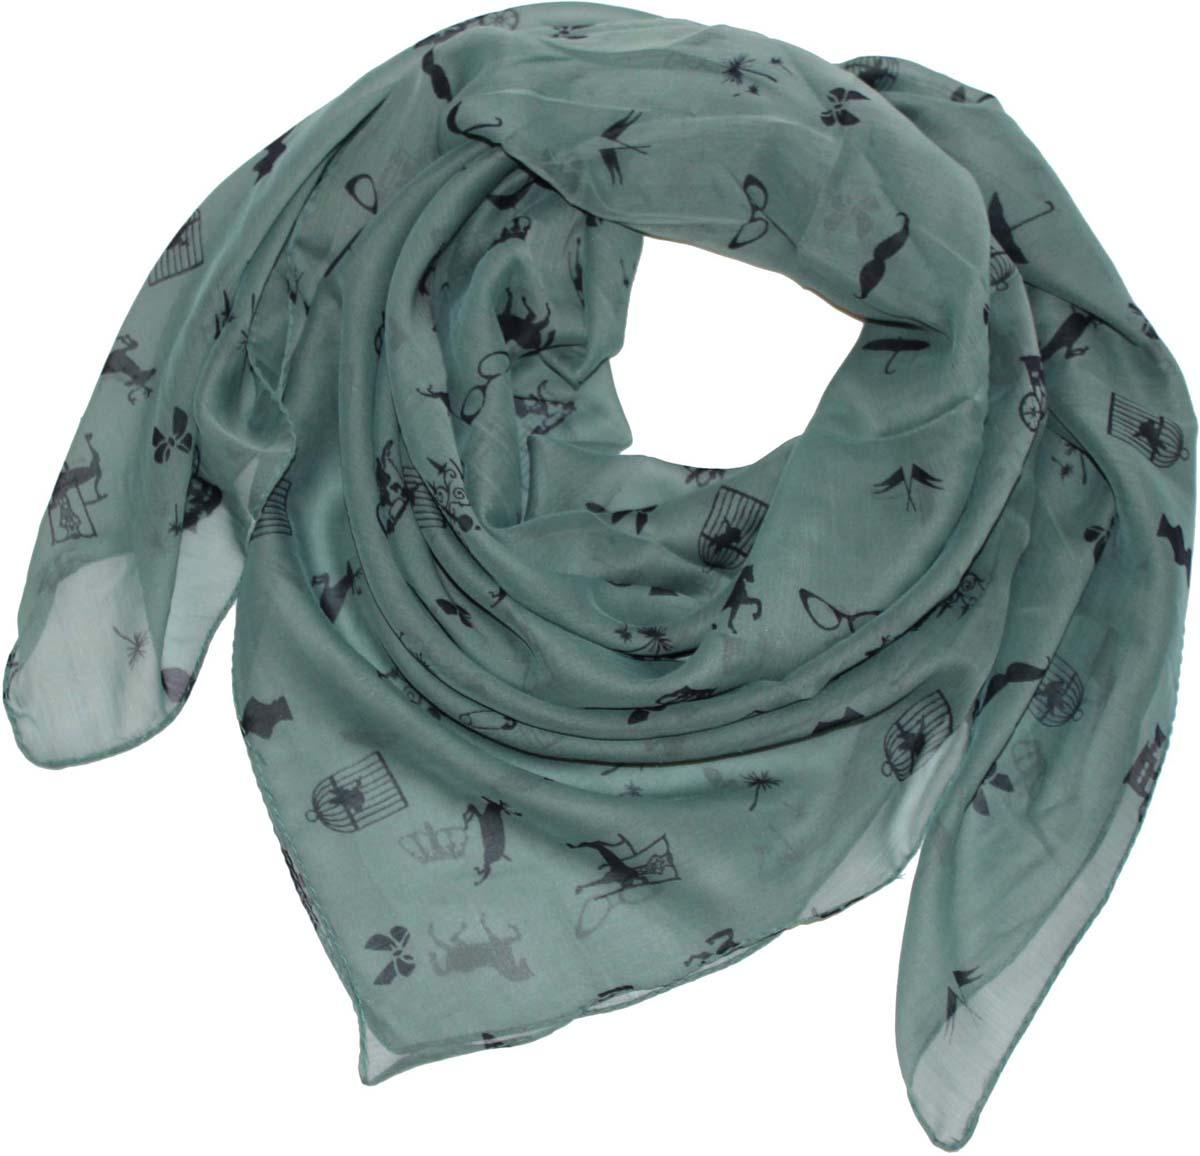 Платок женский Ethnica, цвет: серо-зеленый. 524040н. Размер 90 см х 90 см524040нСтильный платок привлекательной расцветки изготовлен из 100% вискозы. Он удачно дополнит ваш гардероб и поможет создать новый повседневный образ, добавить в него яркие краски. Отличный вариант для тех, кто стремится к самовыражению и новизне!